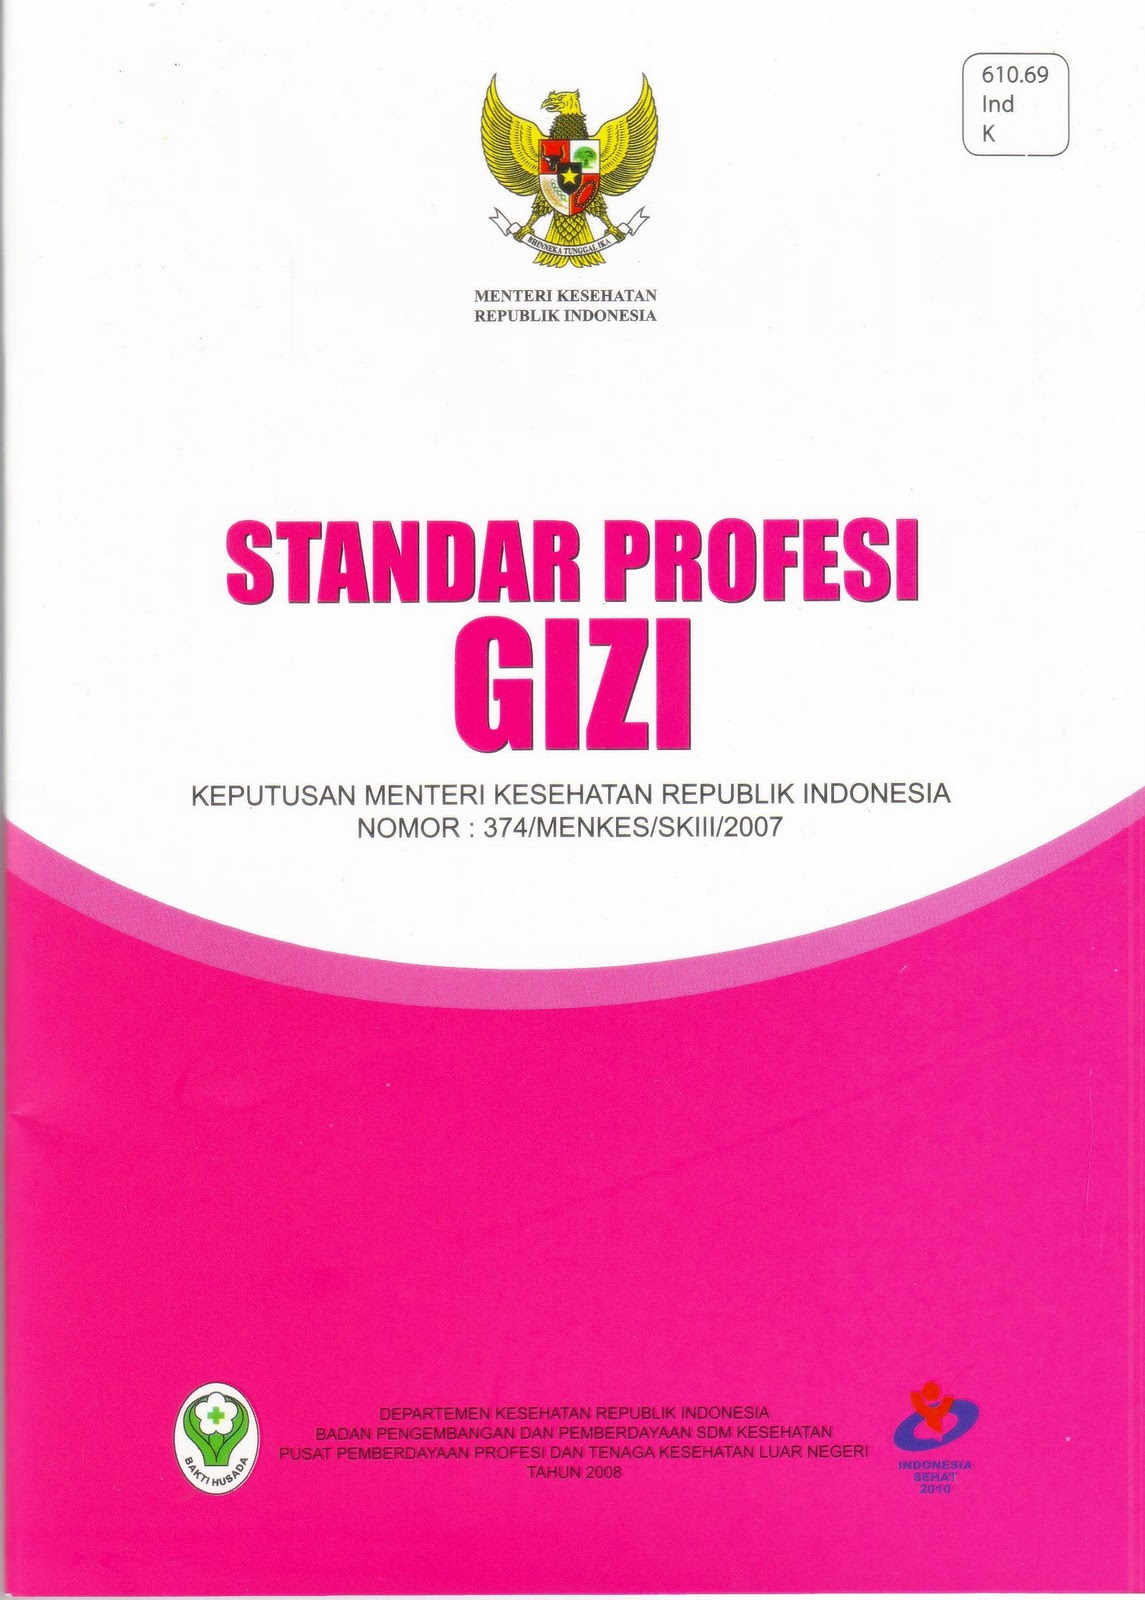 Kumpulan Contoh Kuesioner Penelitian, Skripsi, Kepuasan Pelanggan DLL yang Profesional